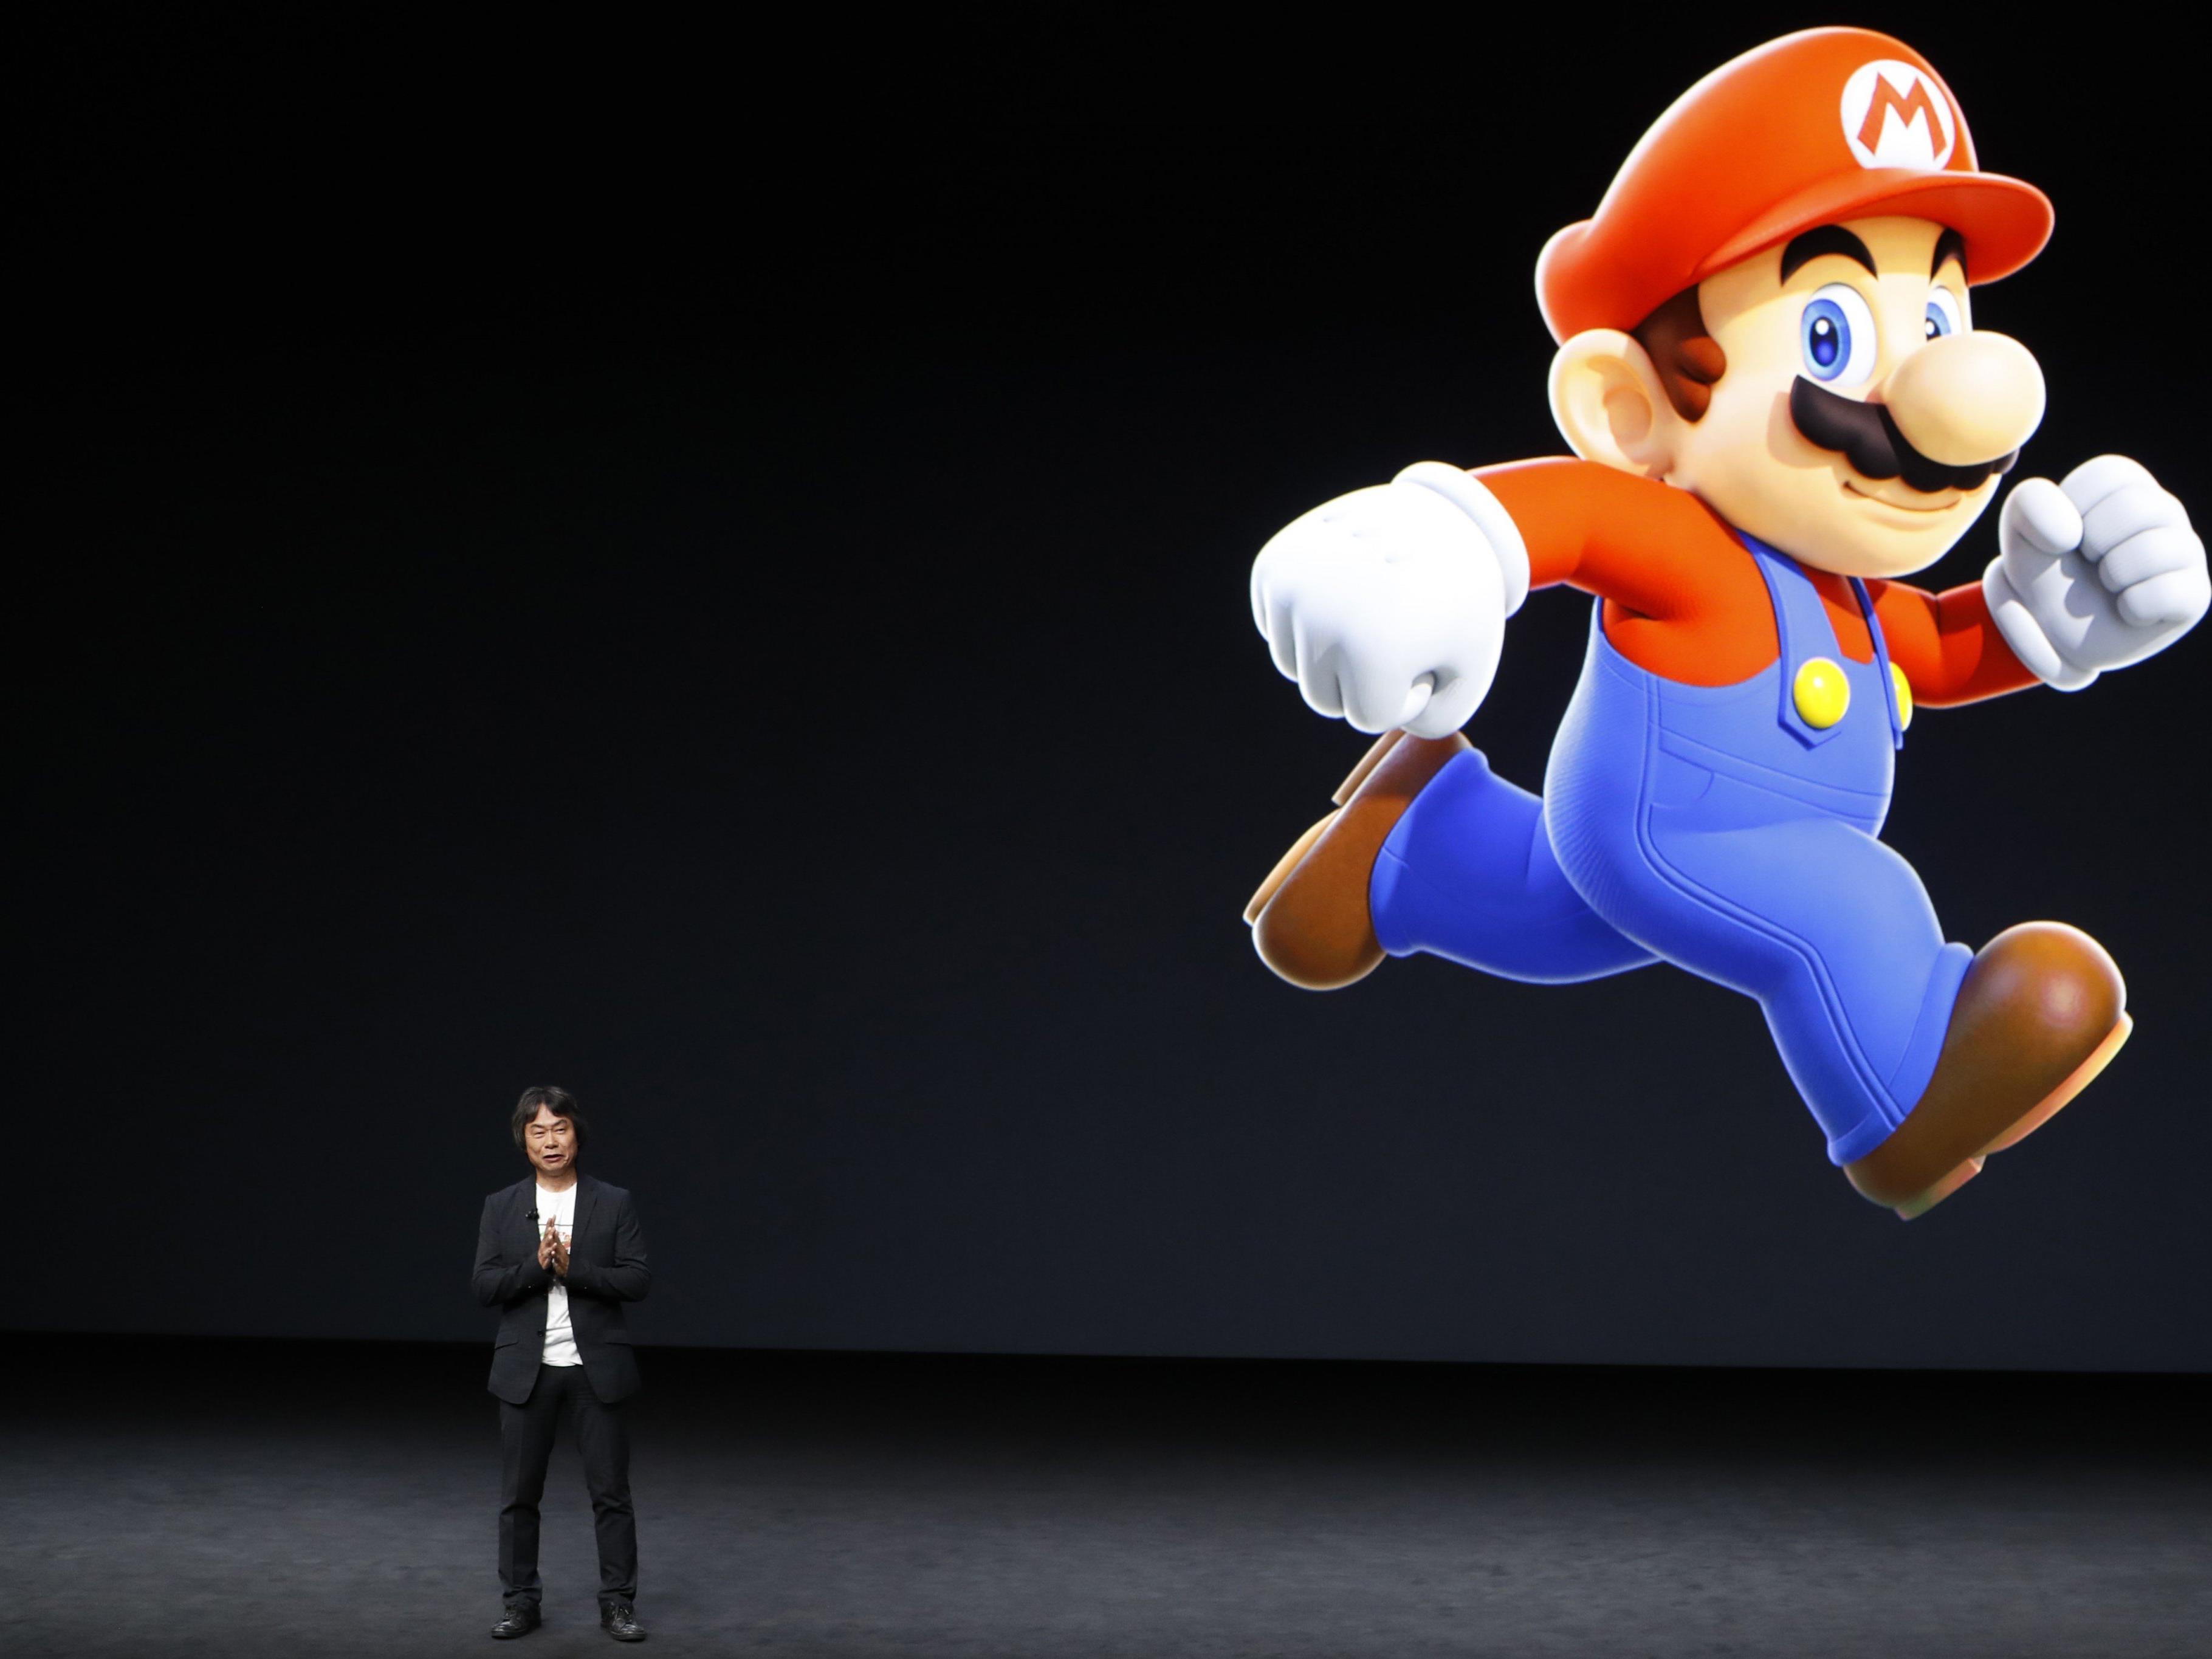 Auch Super Mario gehört bei Apple jetzt dazu.